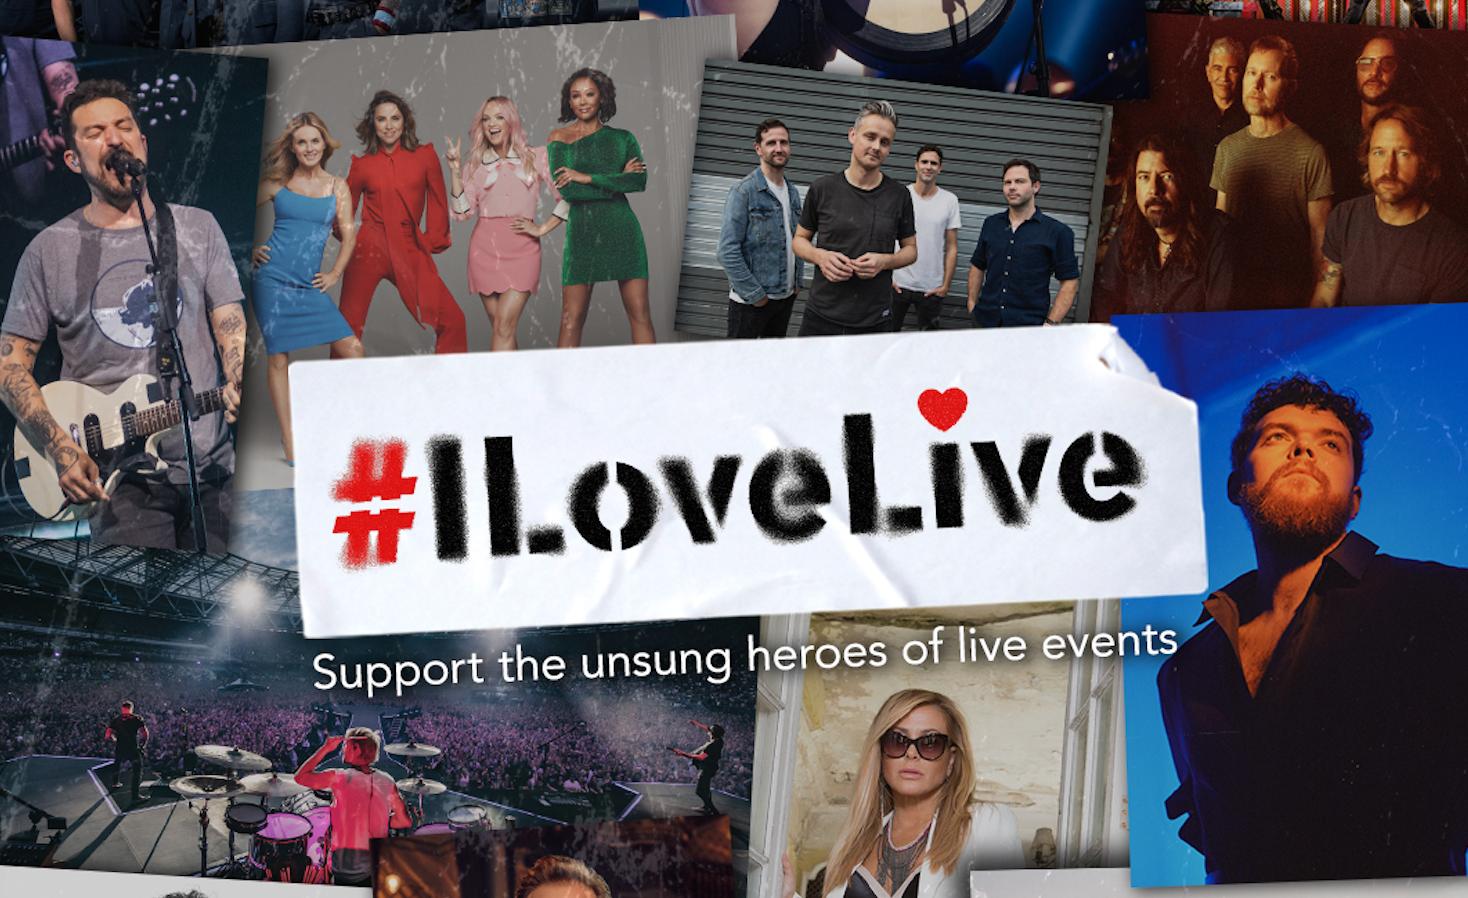 I love live 2